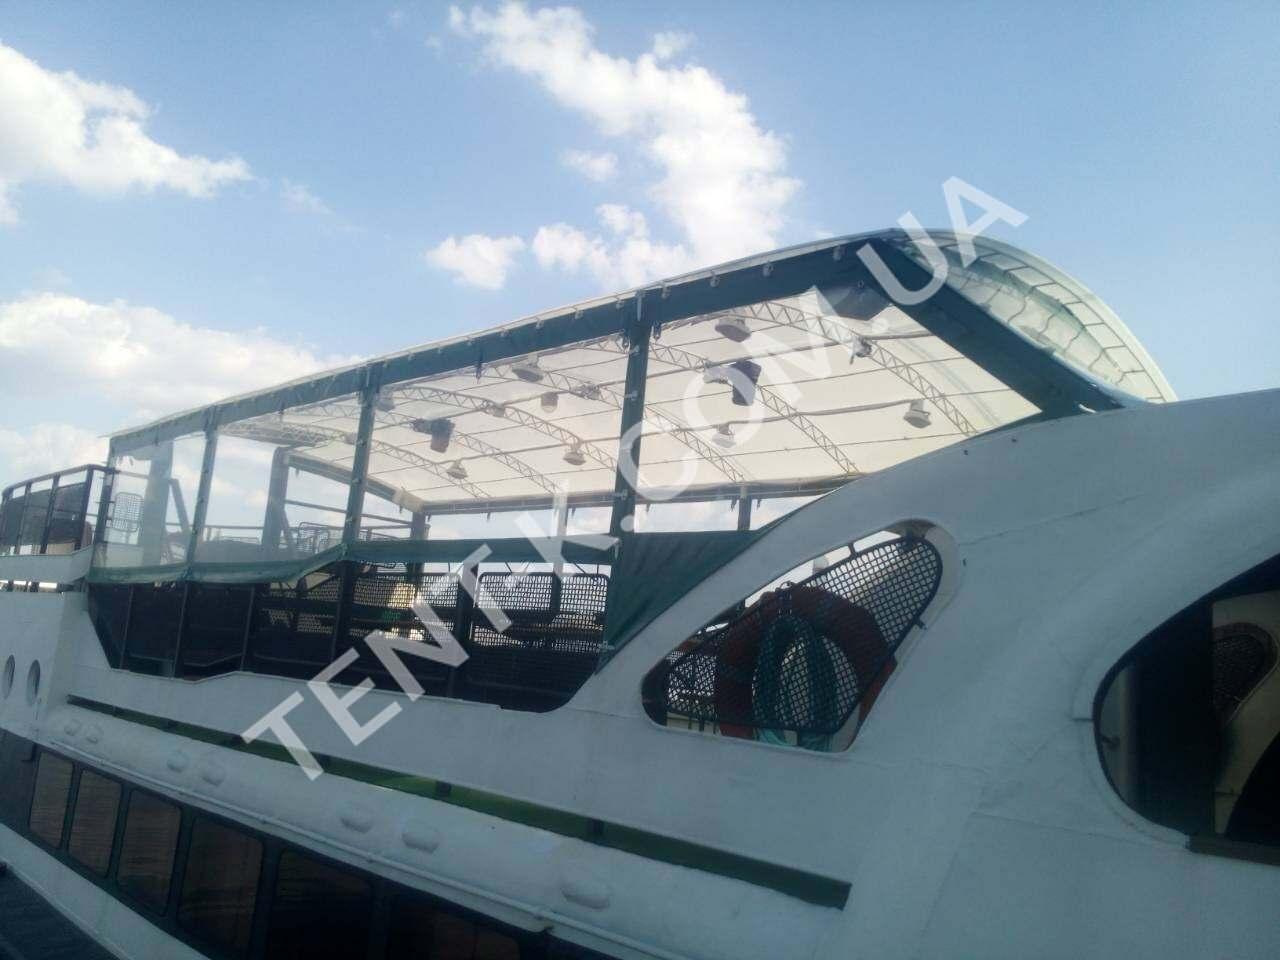 яхта2 - Тенти в Україні - Виготовлення та продаж